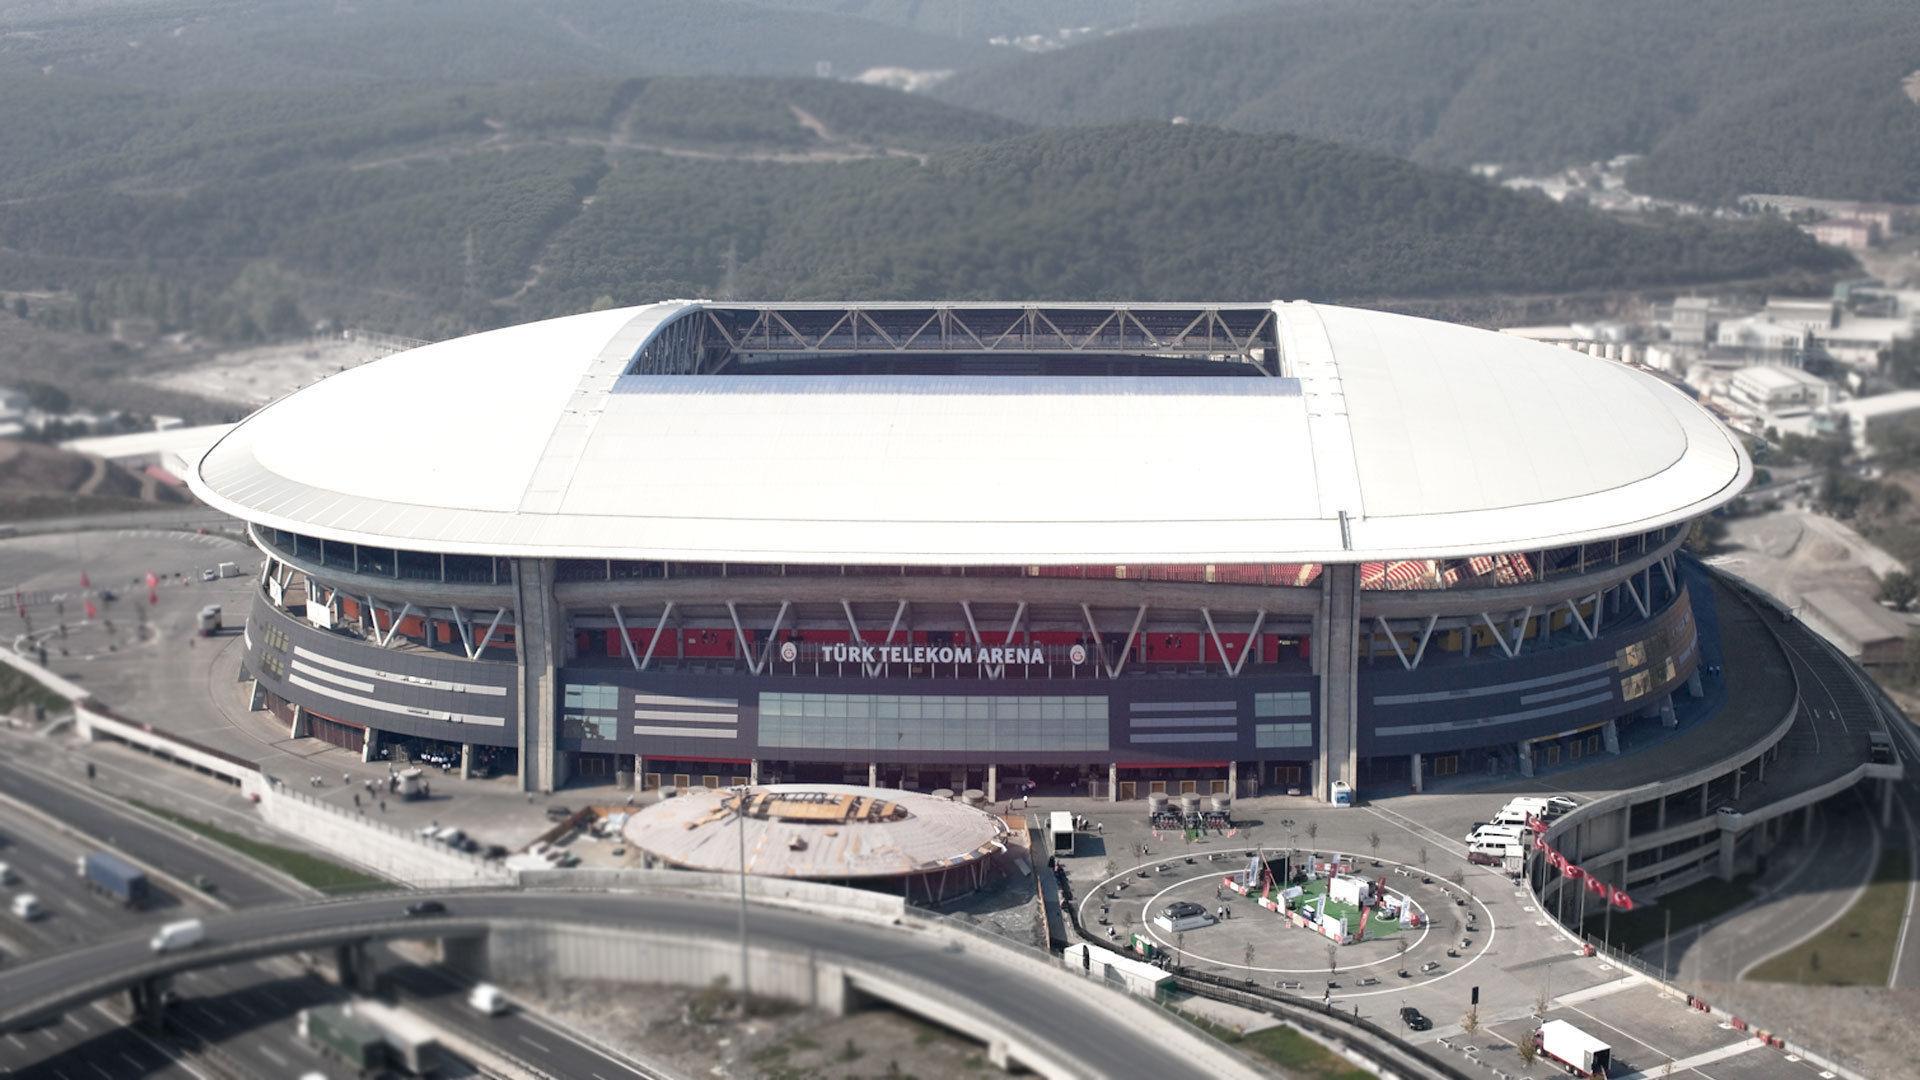 ¿Quién juega en el Türk Telekom Arena?